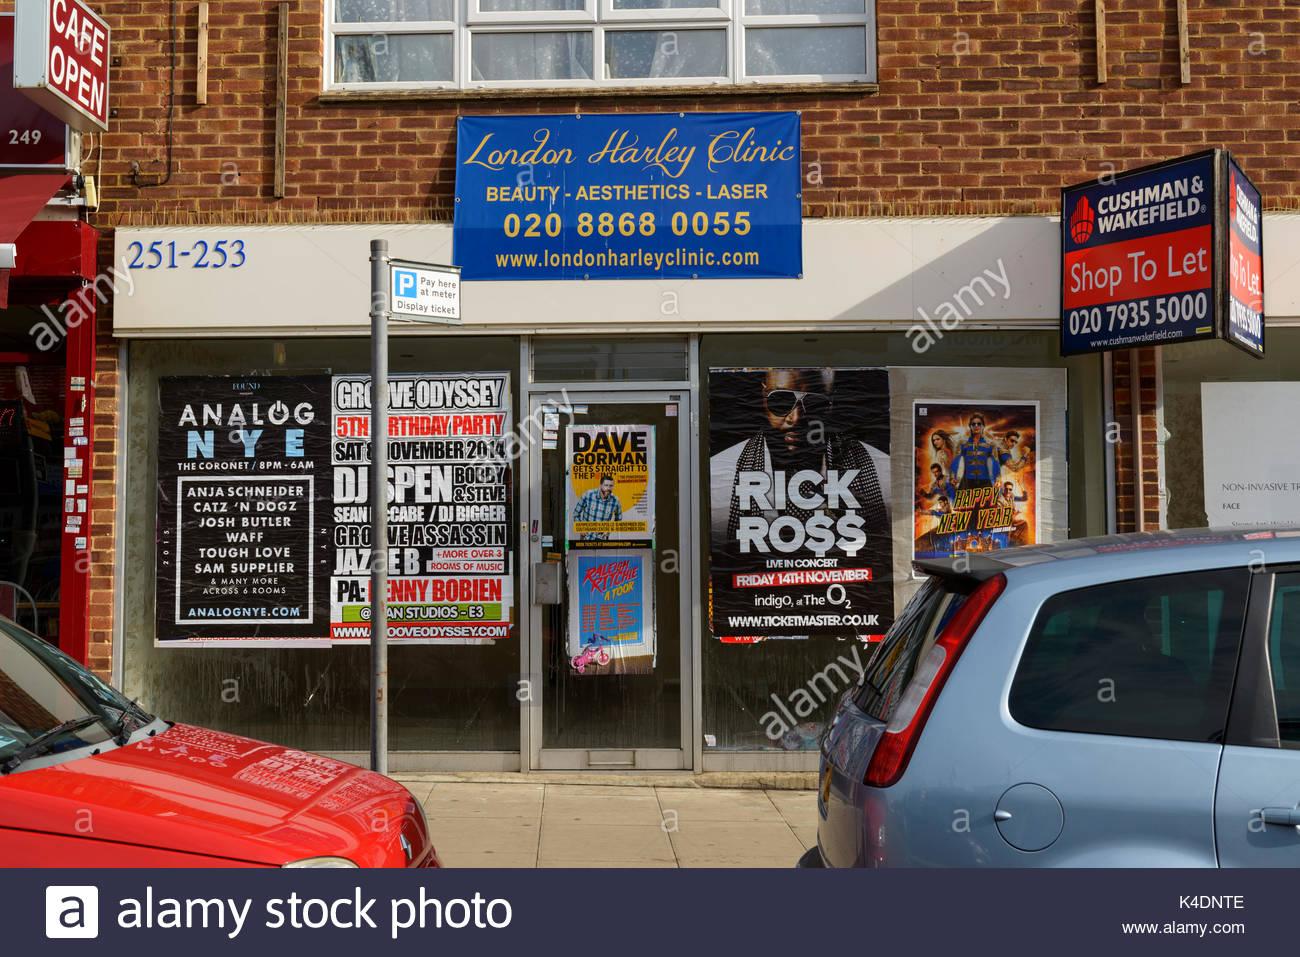 London Harley Clinic, Eastcote, London, England UK - Stock Image